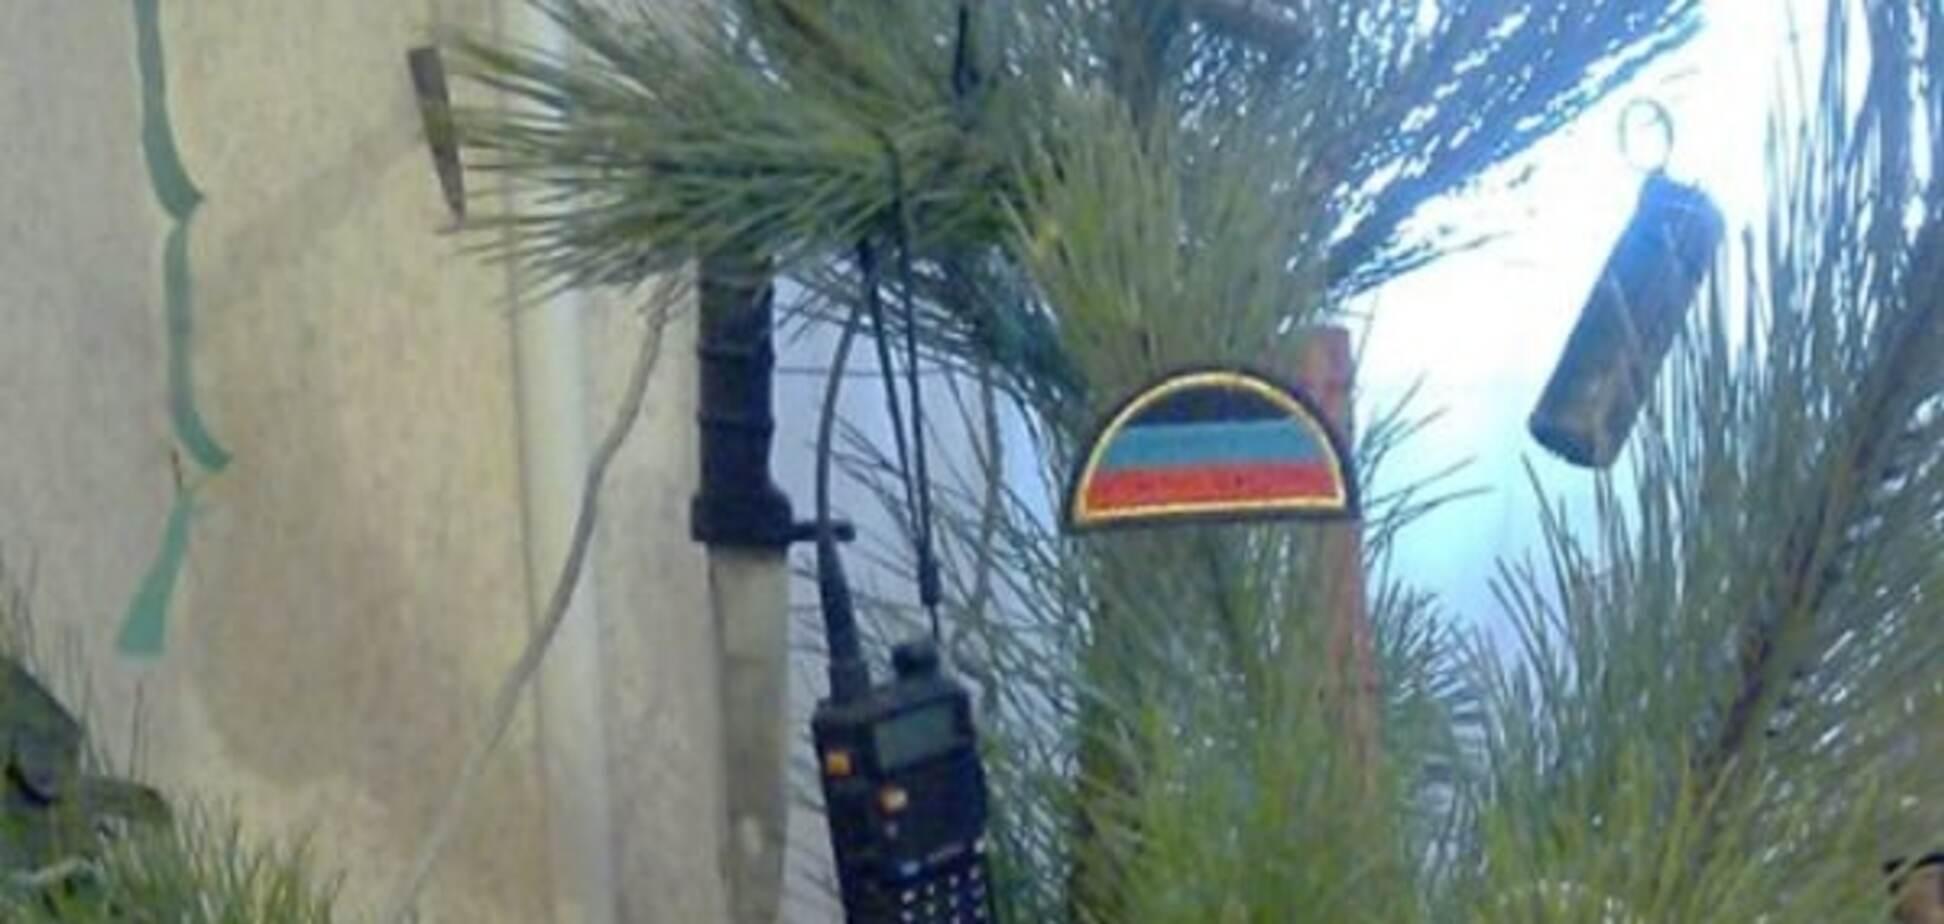 Терористи 'ДНР' прикрасили ялинку зброєю та боєприпасами: опубліковані фото